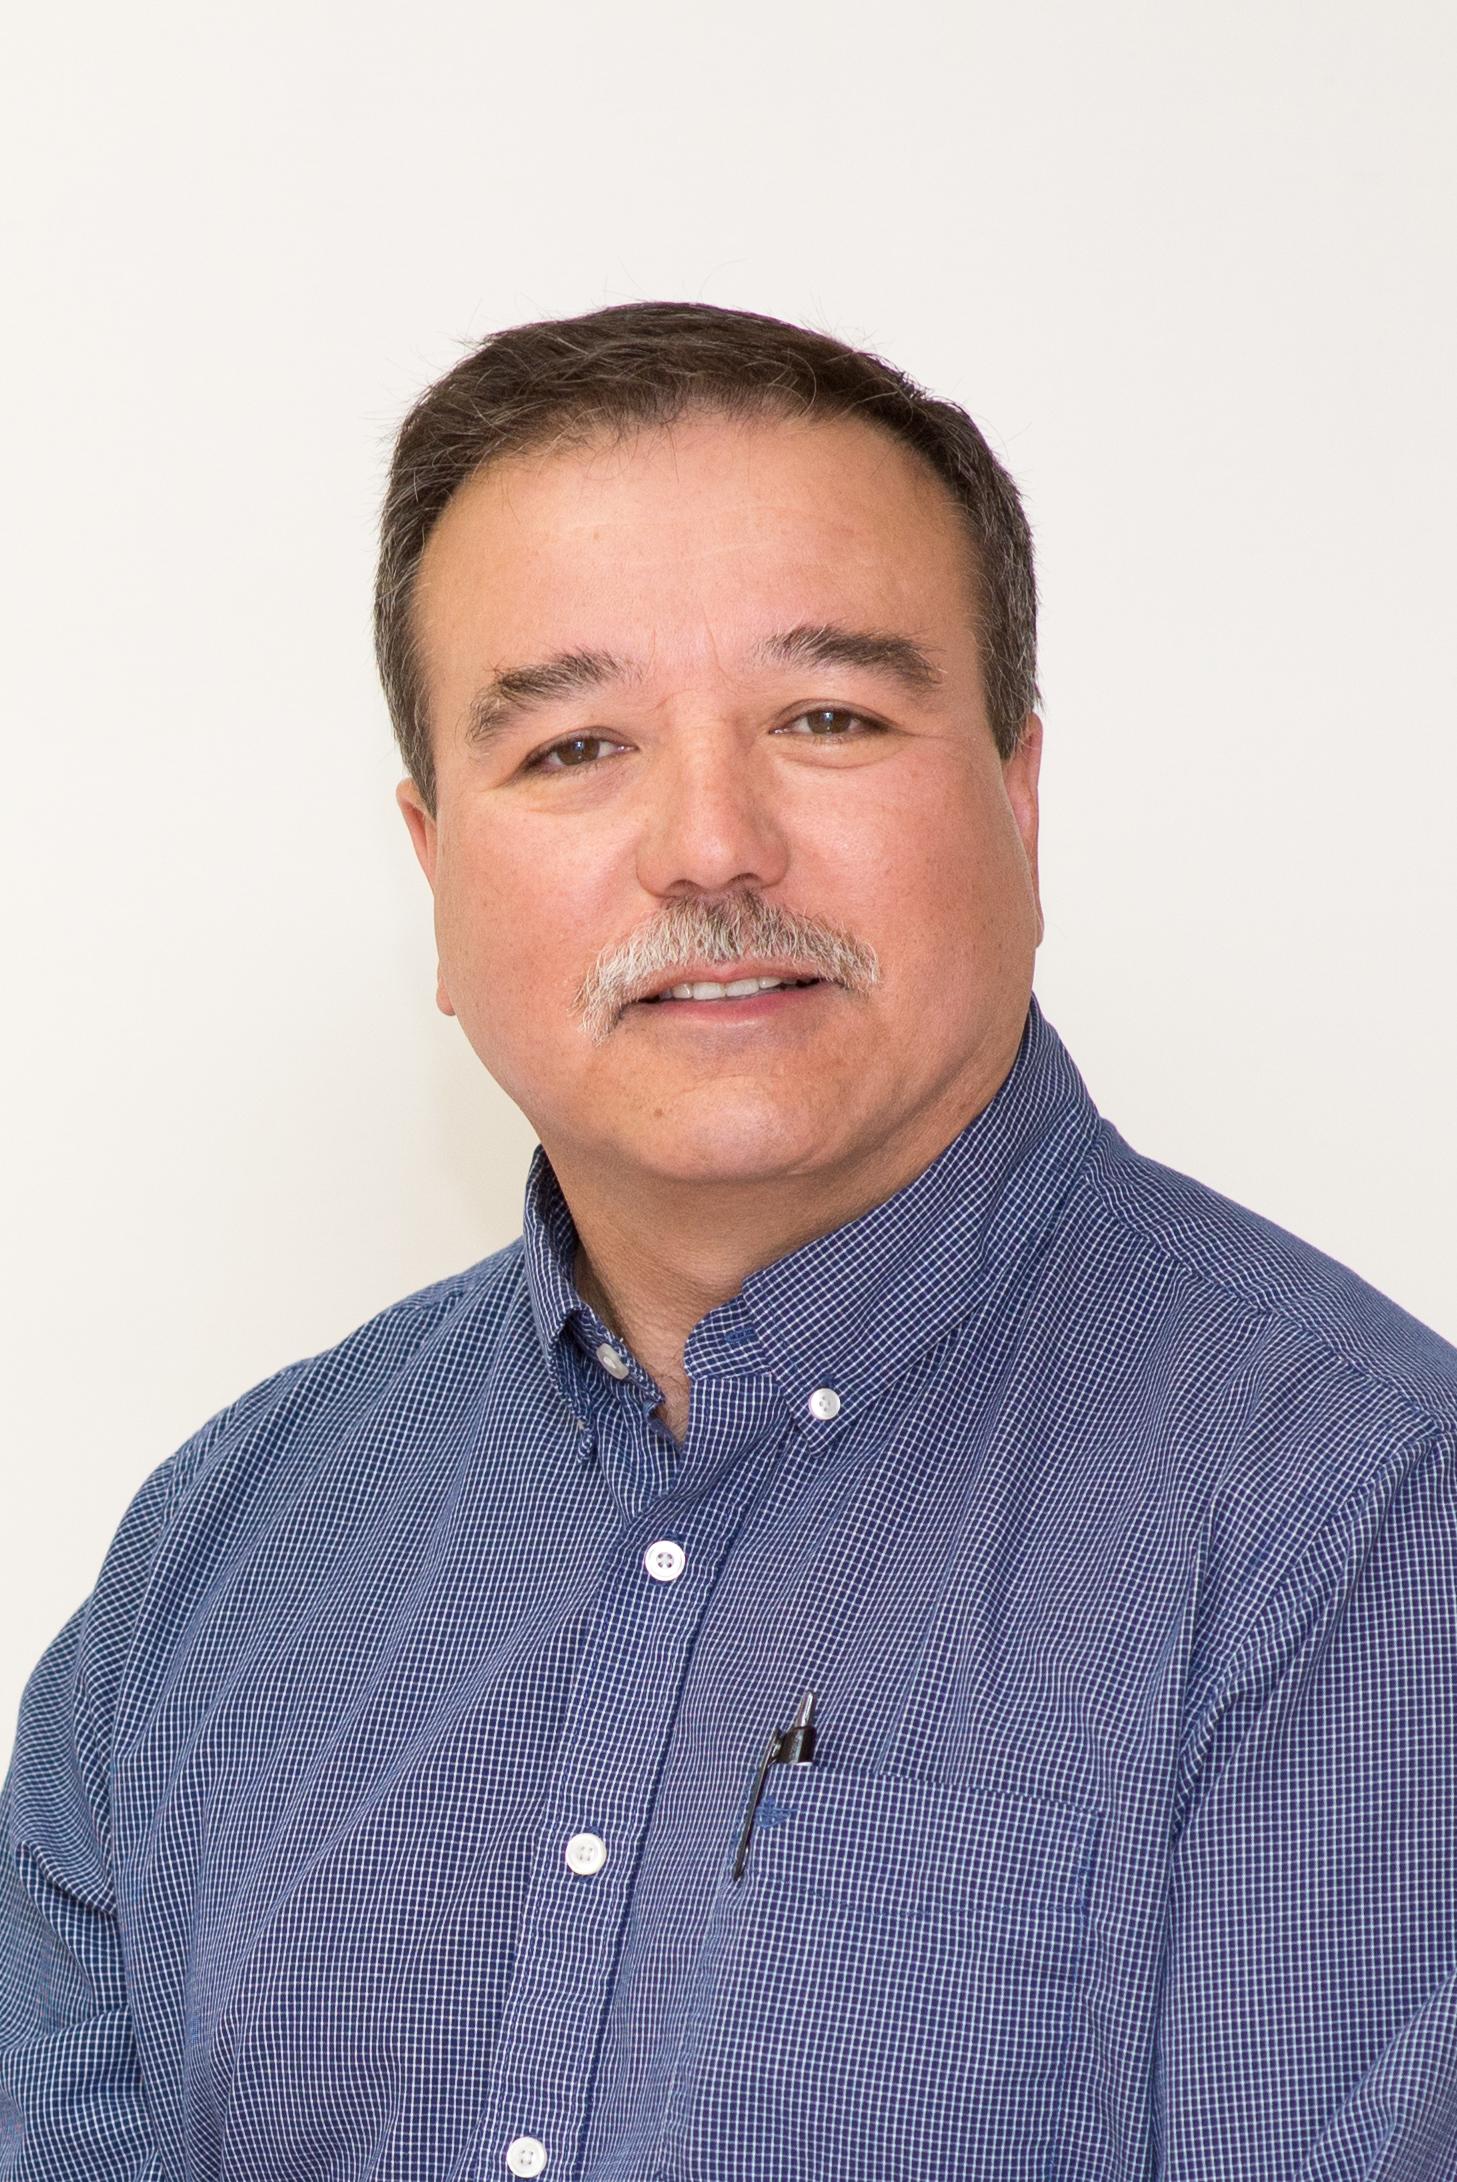 Michael BeBeau